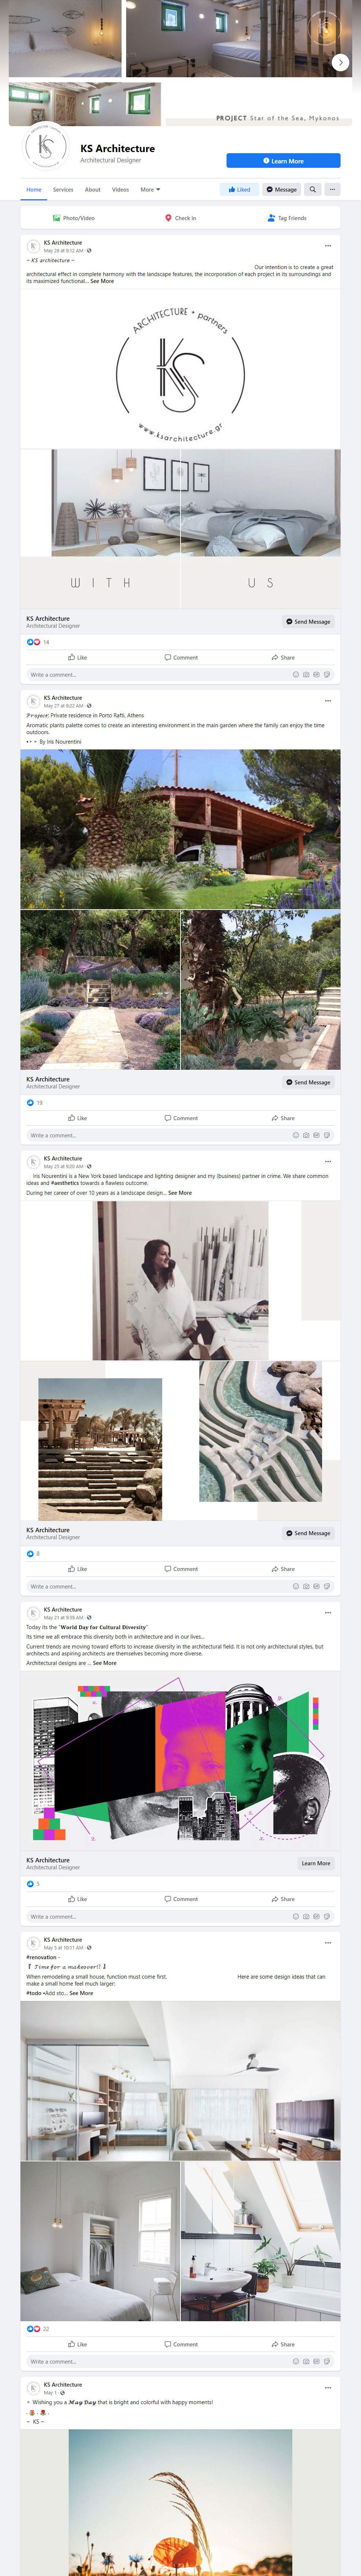 διαχείριση λογαριασμών social media - Ks Architecture